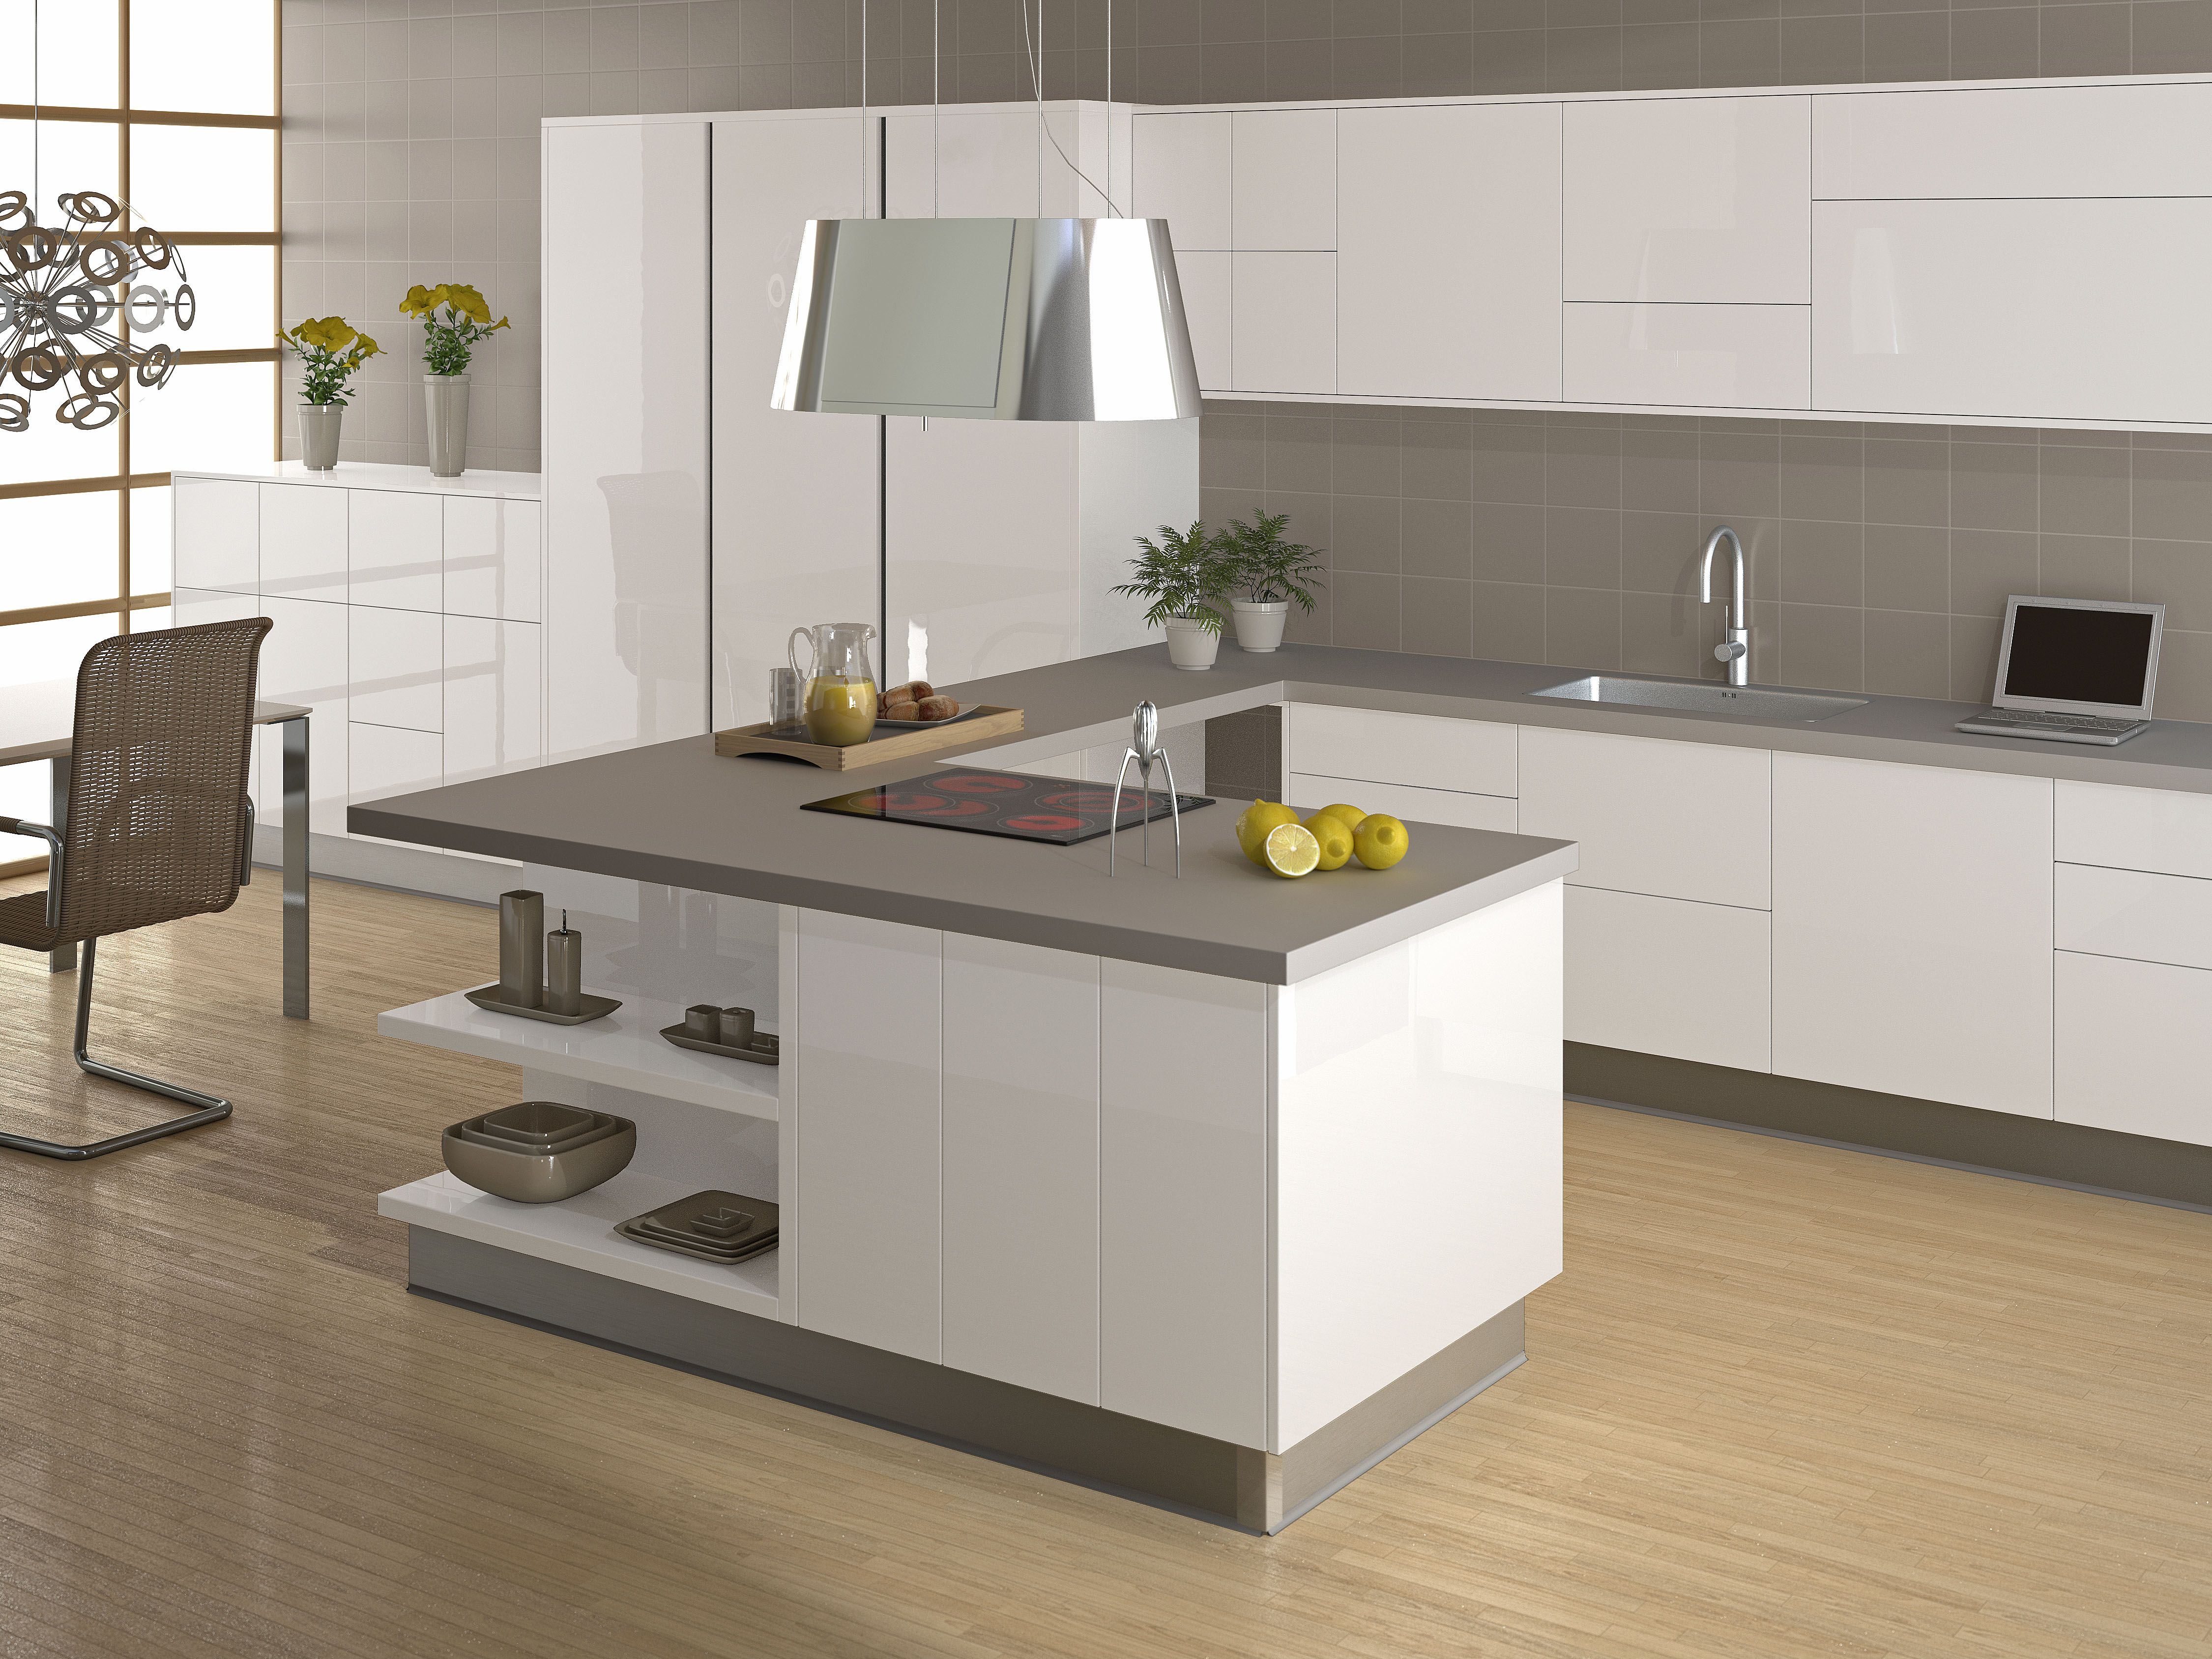 Cocinas modernas buscar con google cocinas pinterest for Cocinas integrales inteligentes